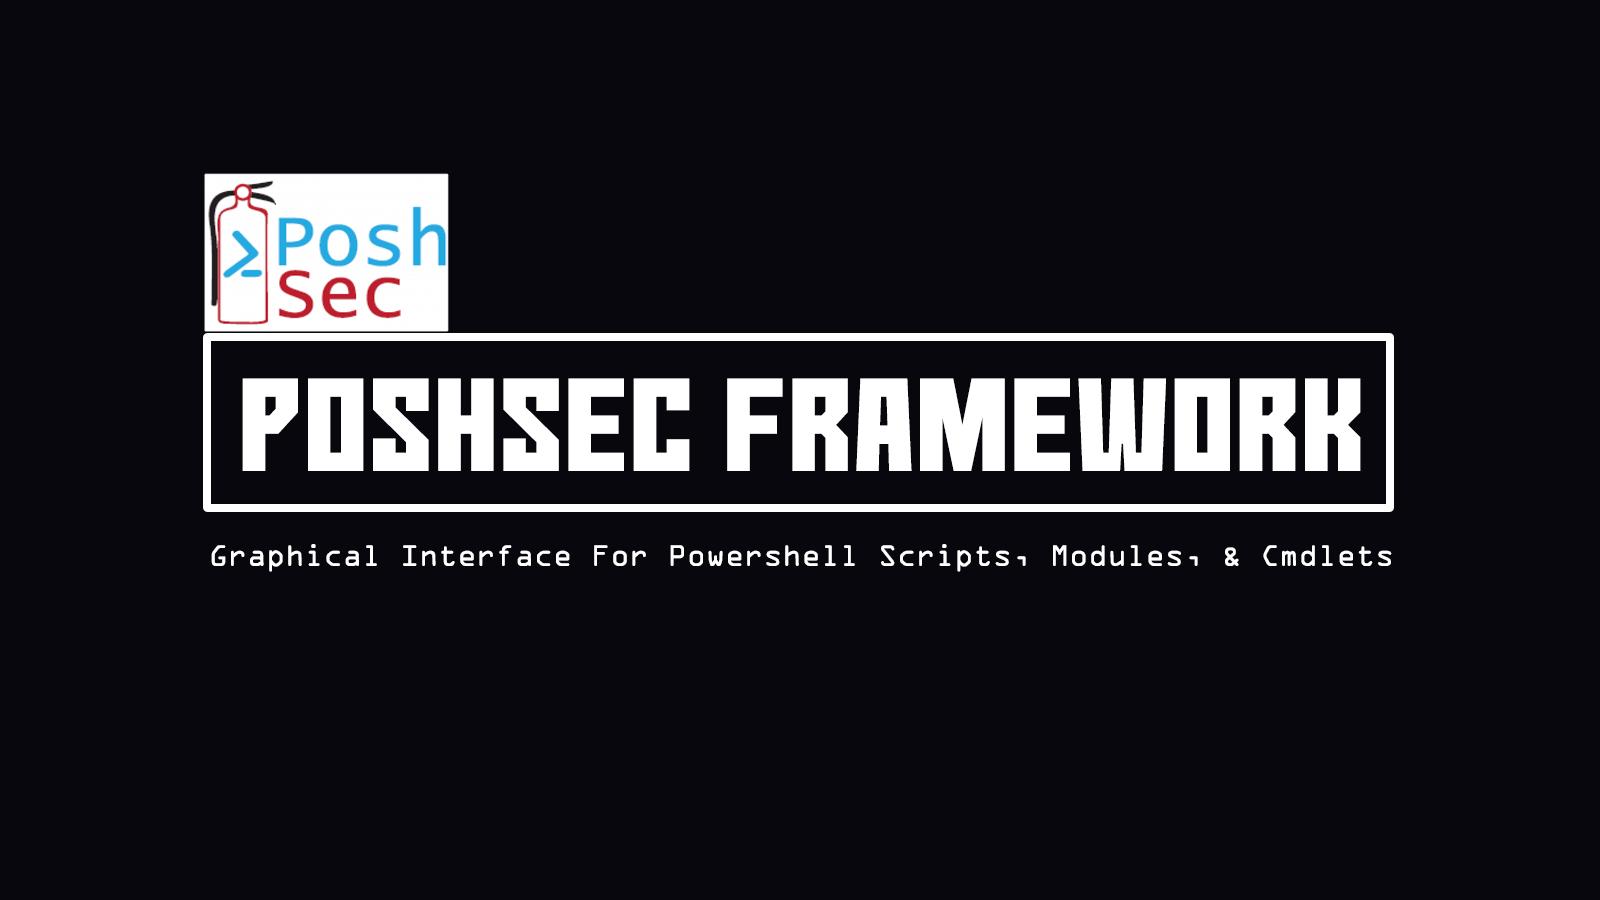 PoshSec Framework